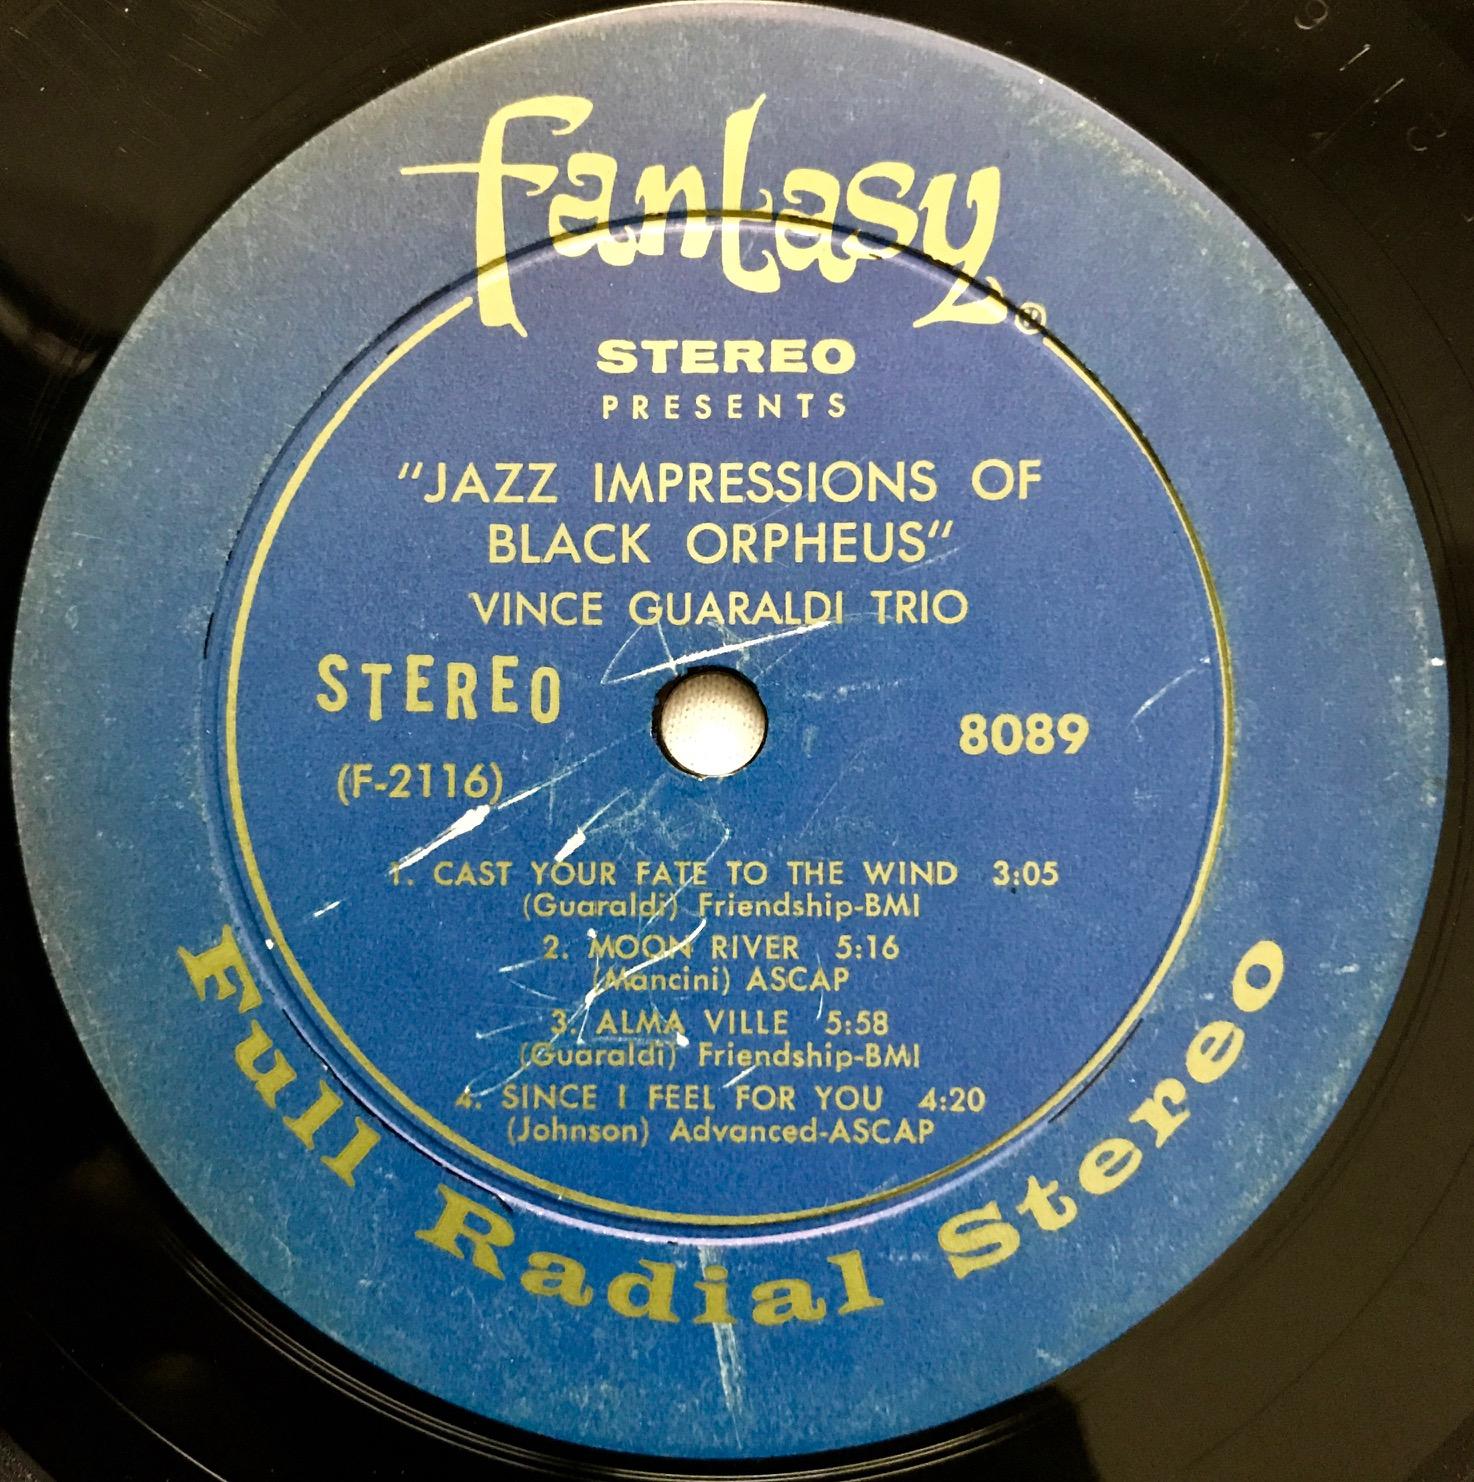 Jazz Impressions Of Black Orpheus Vince Guaraldi Trio